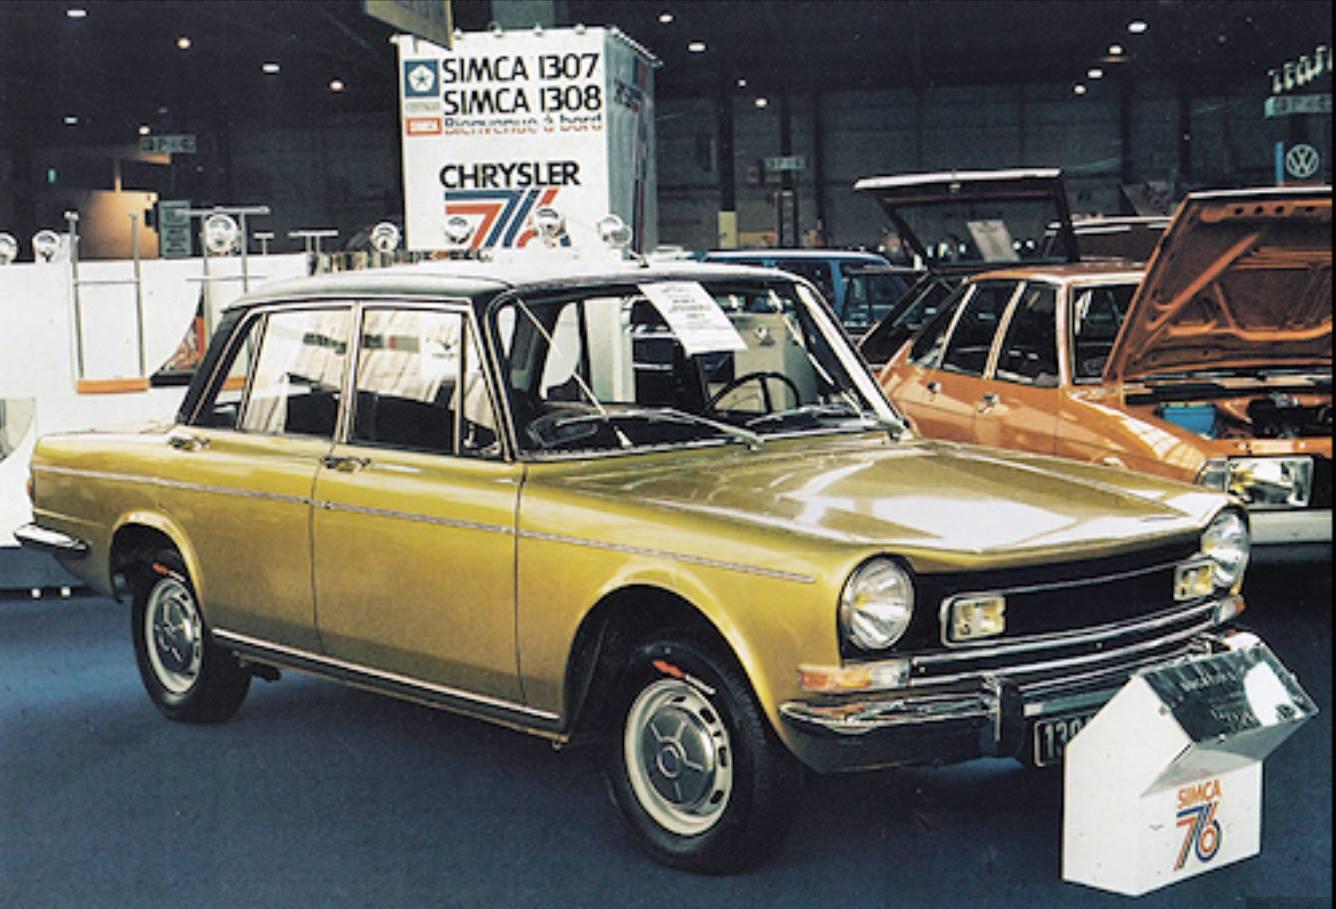 DE-LAATSTE-SIMCA-1301-SPECIAAL-Paris--1975-